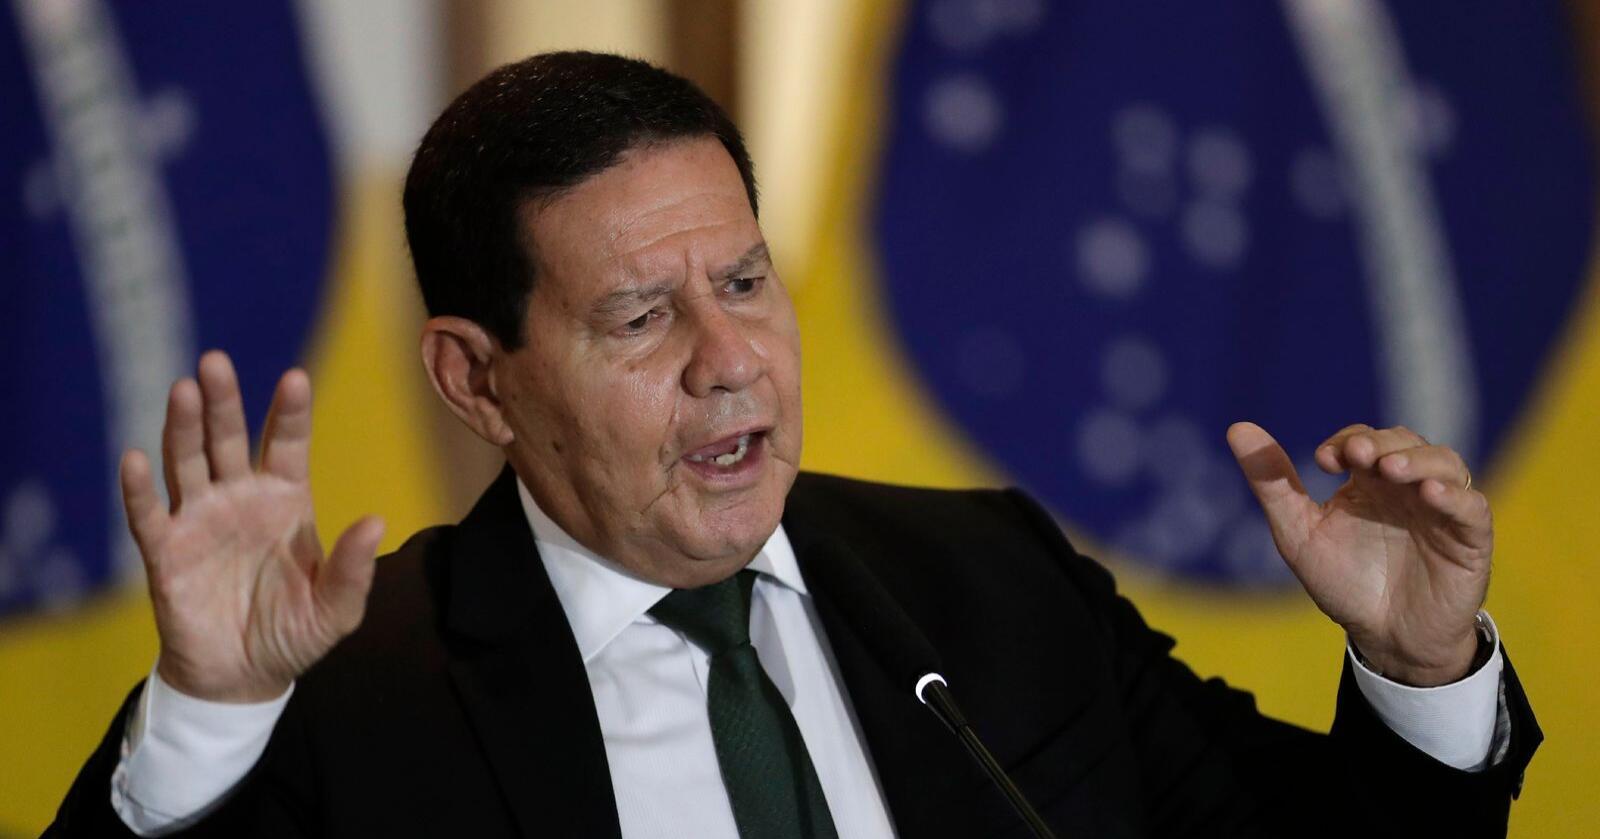 Visepresident Hamilton Mourao i Brasil leder president Jair Bolsonaros innsatsgruppe for Amazonas. Han la fram de nye tallene for avskoging og forsvarte på samme tid regjeringens innsats. Foto: Eraldo Peres / AP / NTB